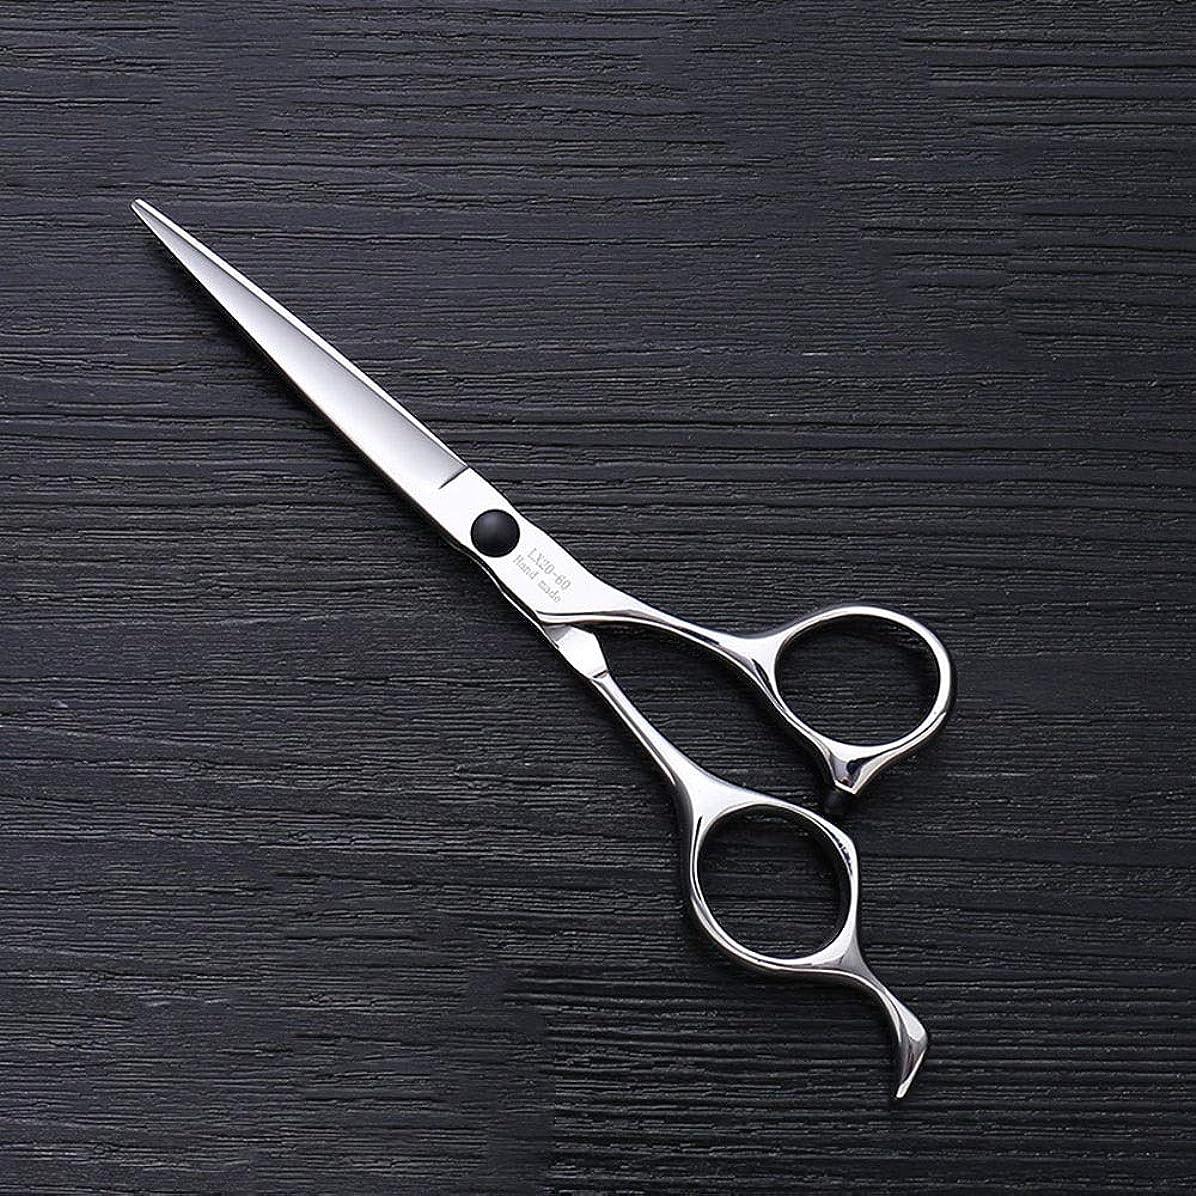 追加する眠る正当な6インチヘアスタイリスト特殊ヘアカットツール、ハイエンドステンレススチールバリカン モデリングツール (色 : Silver)